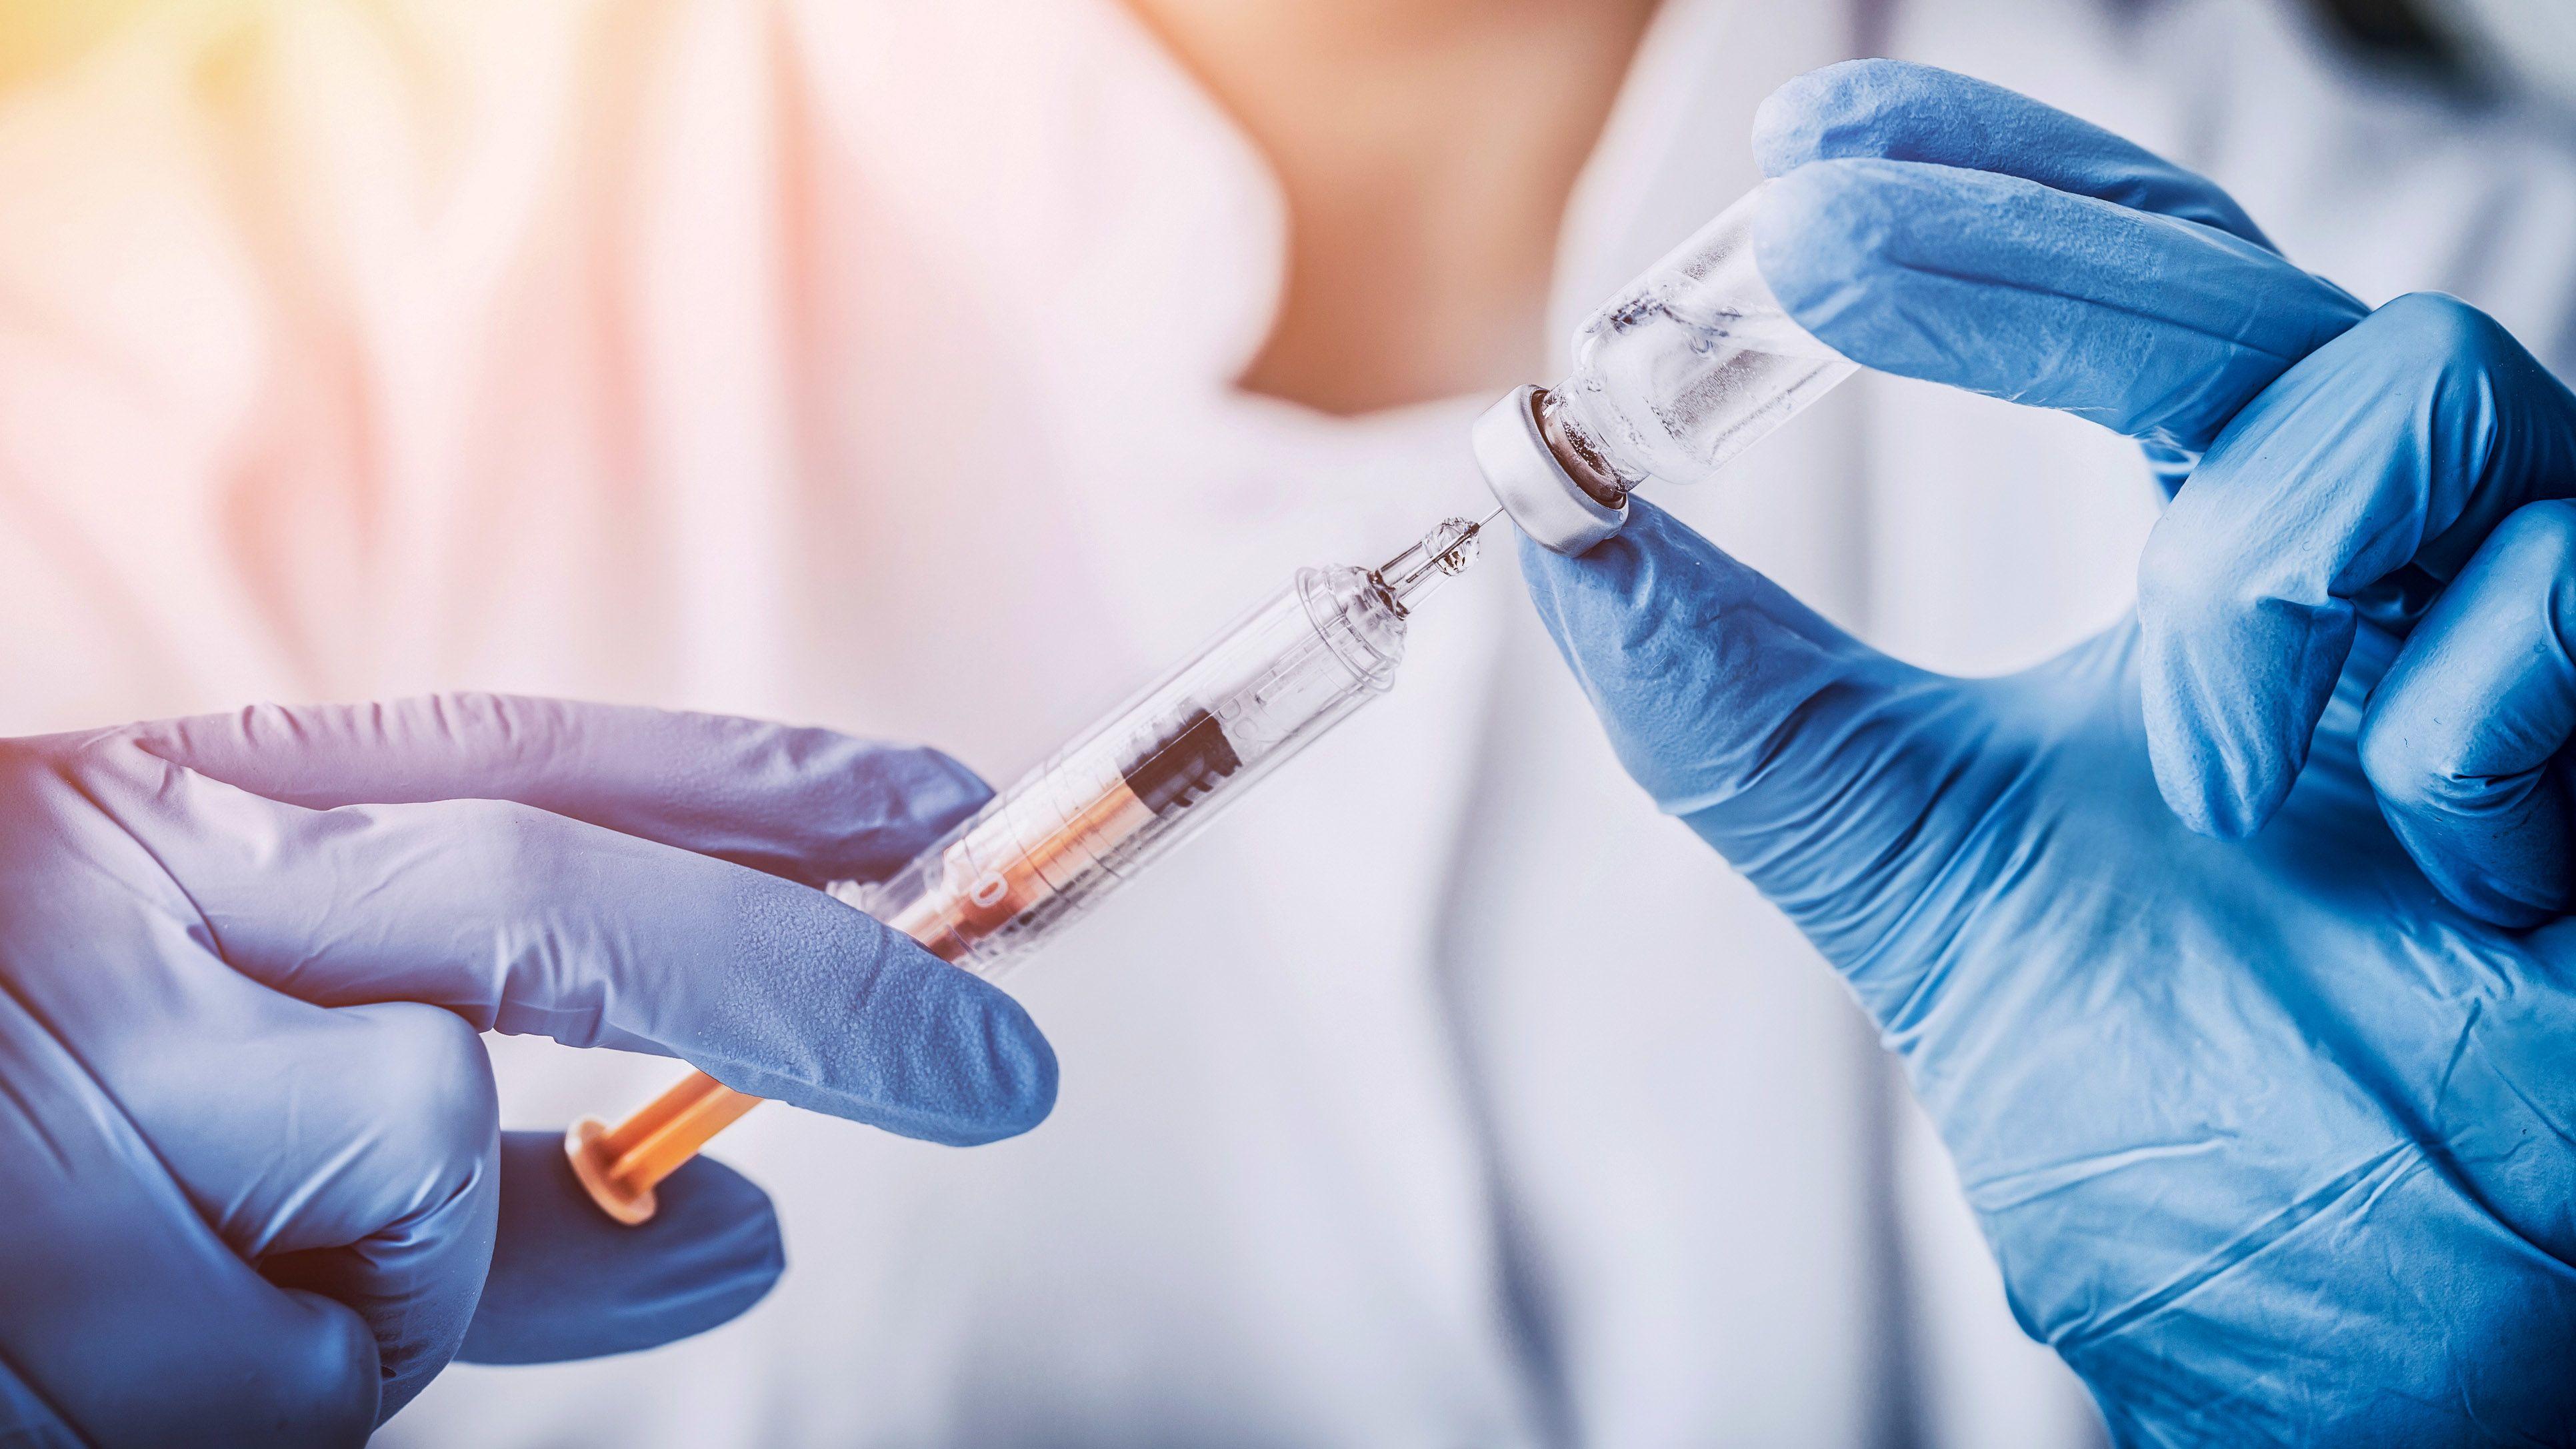 Fölösleges kockázat a HPV-oltás? | TermészetGyógyász Magazin